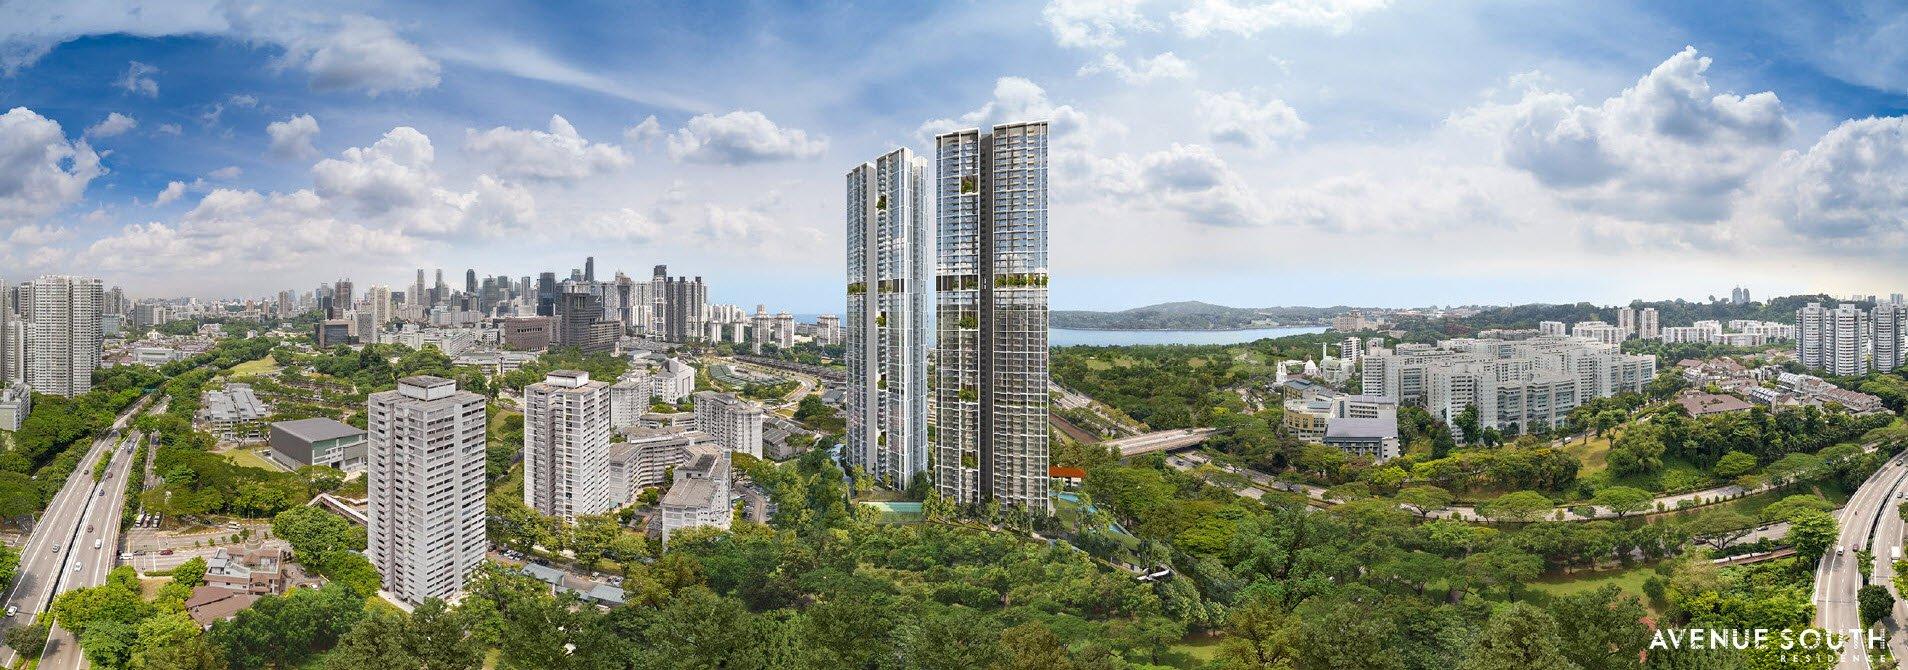 Avenue South Residence Developer